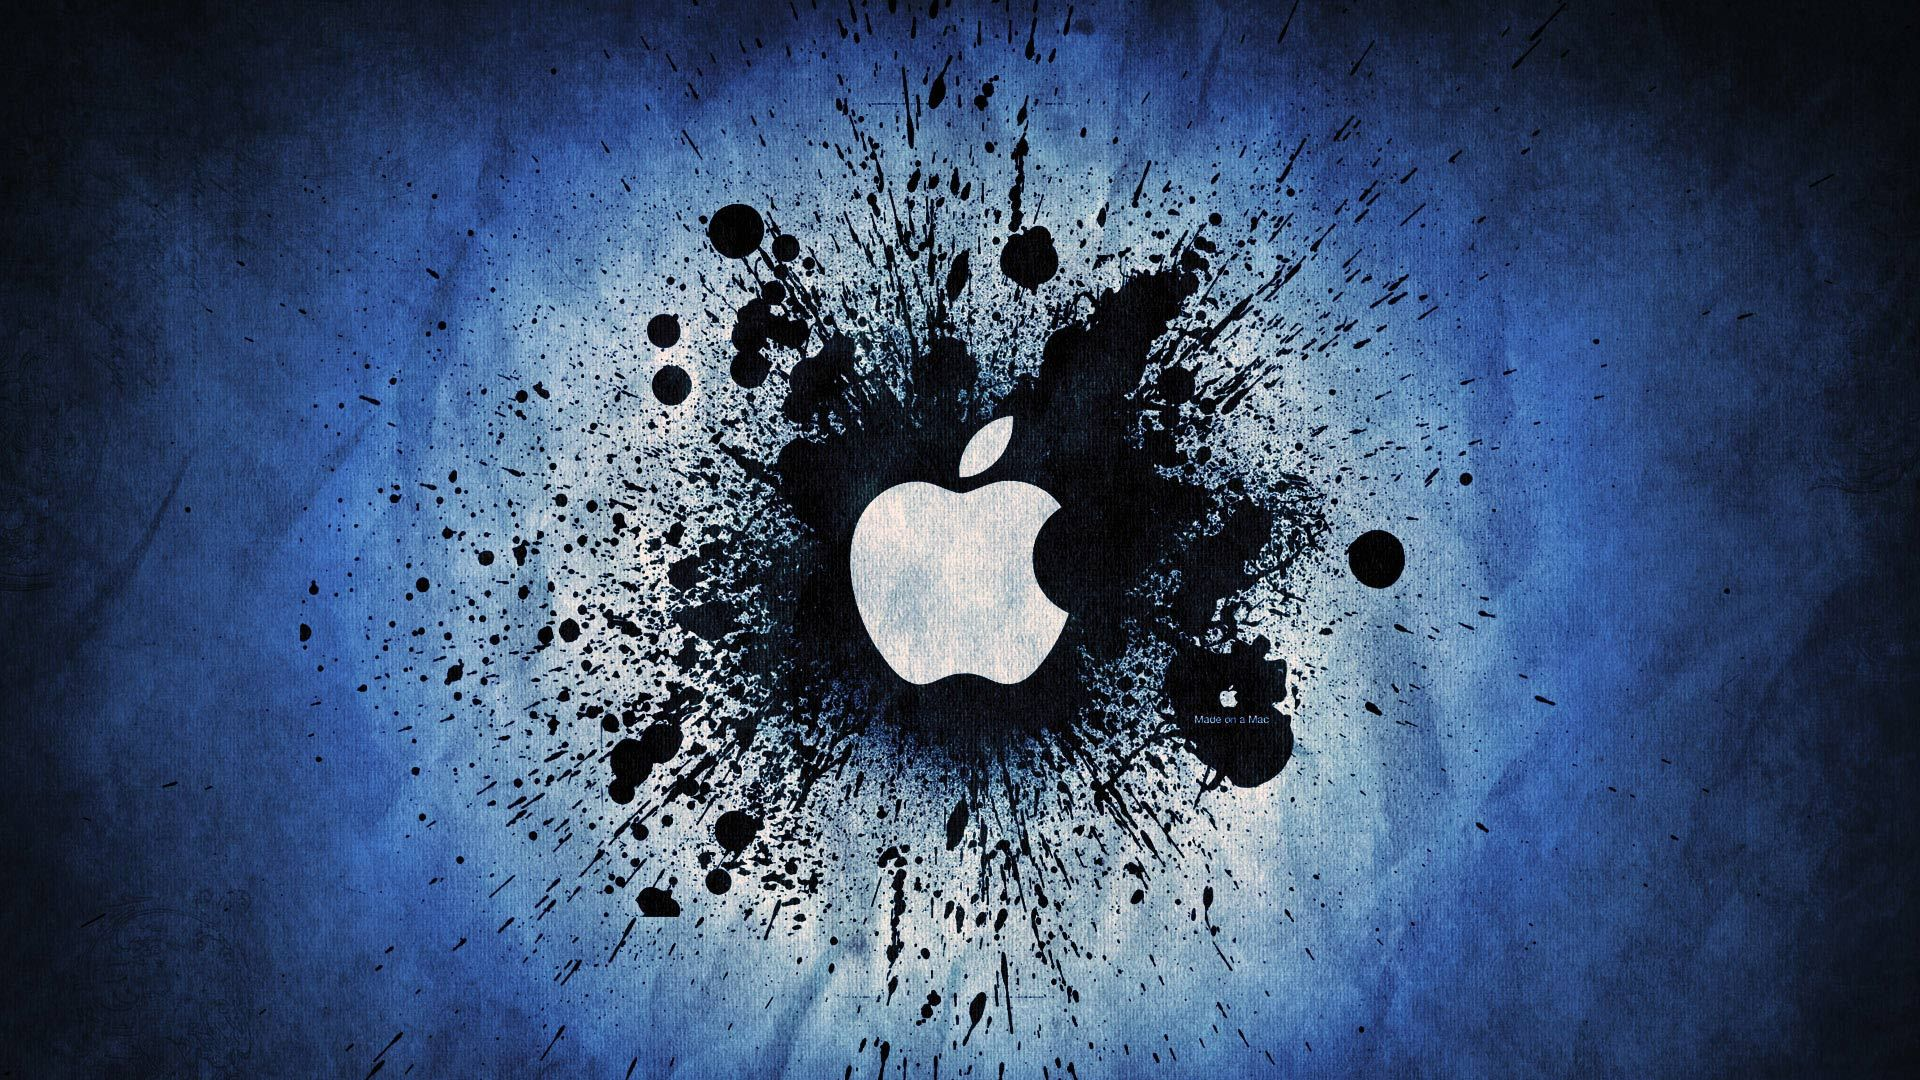 Apple Ipad full hd wallpaper download